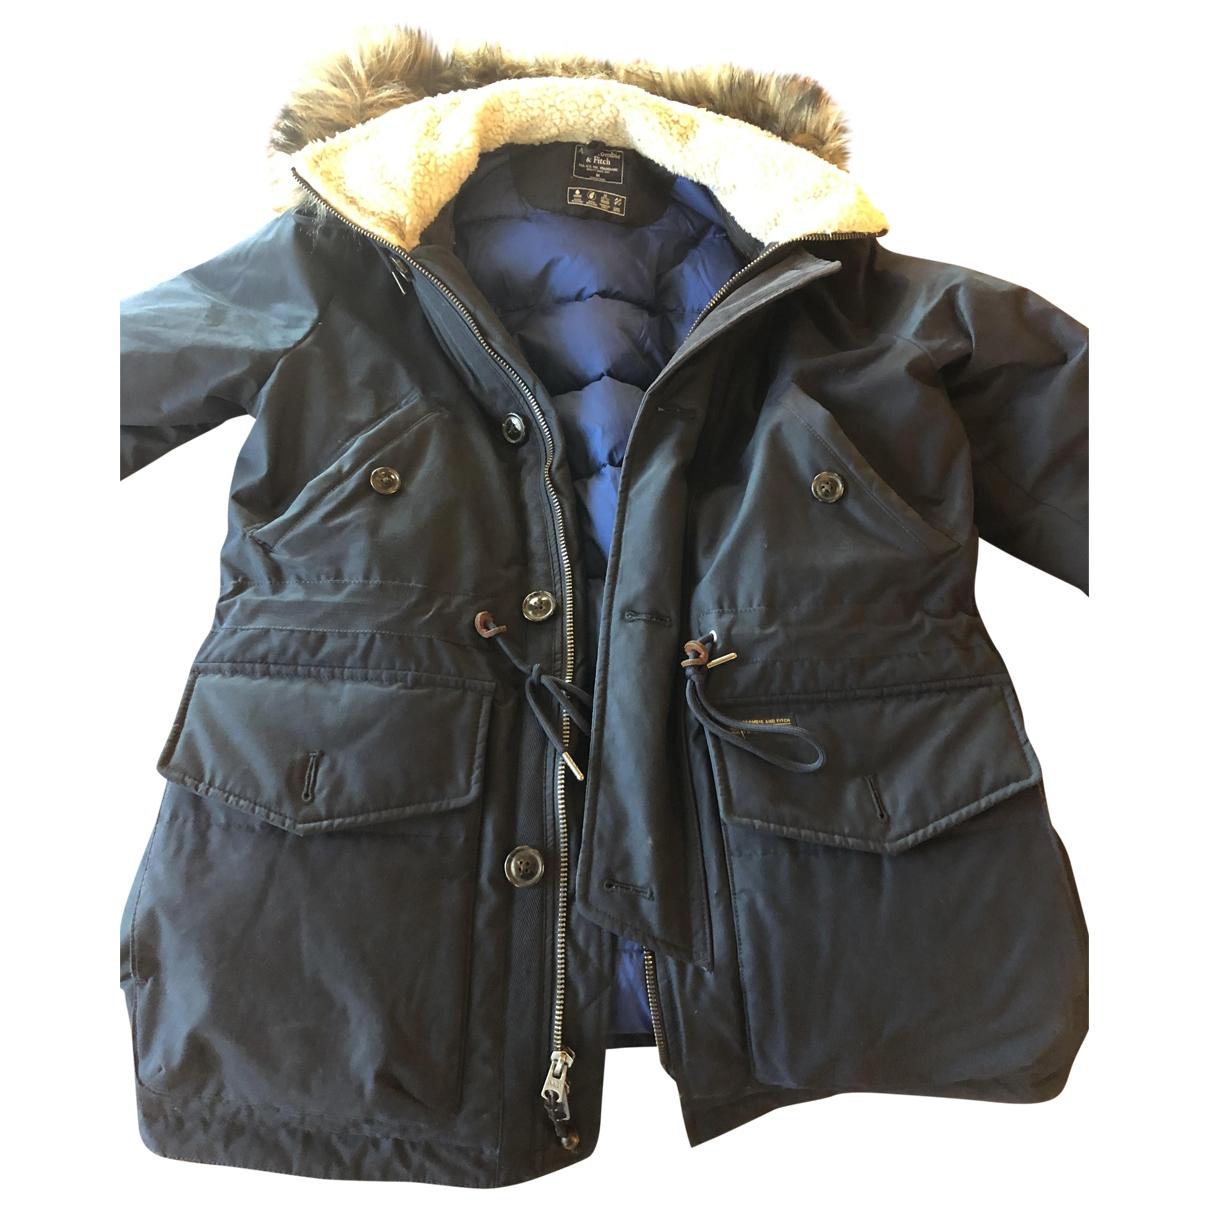 Abercrombie & Fitch - Manteau   pour homme - bleu